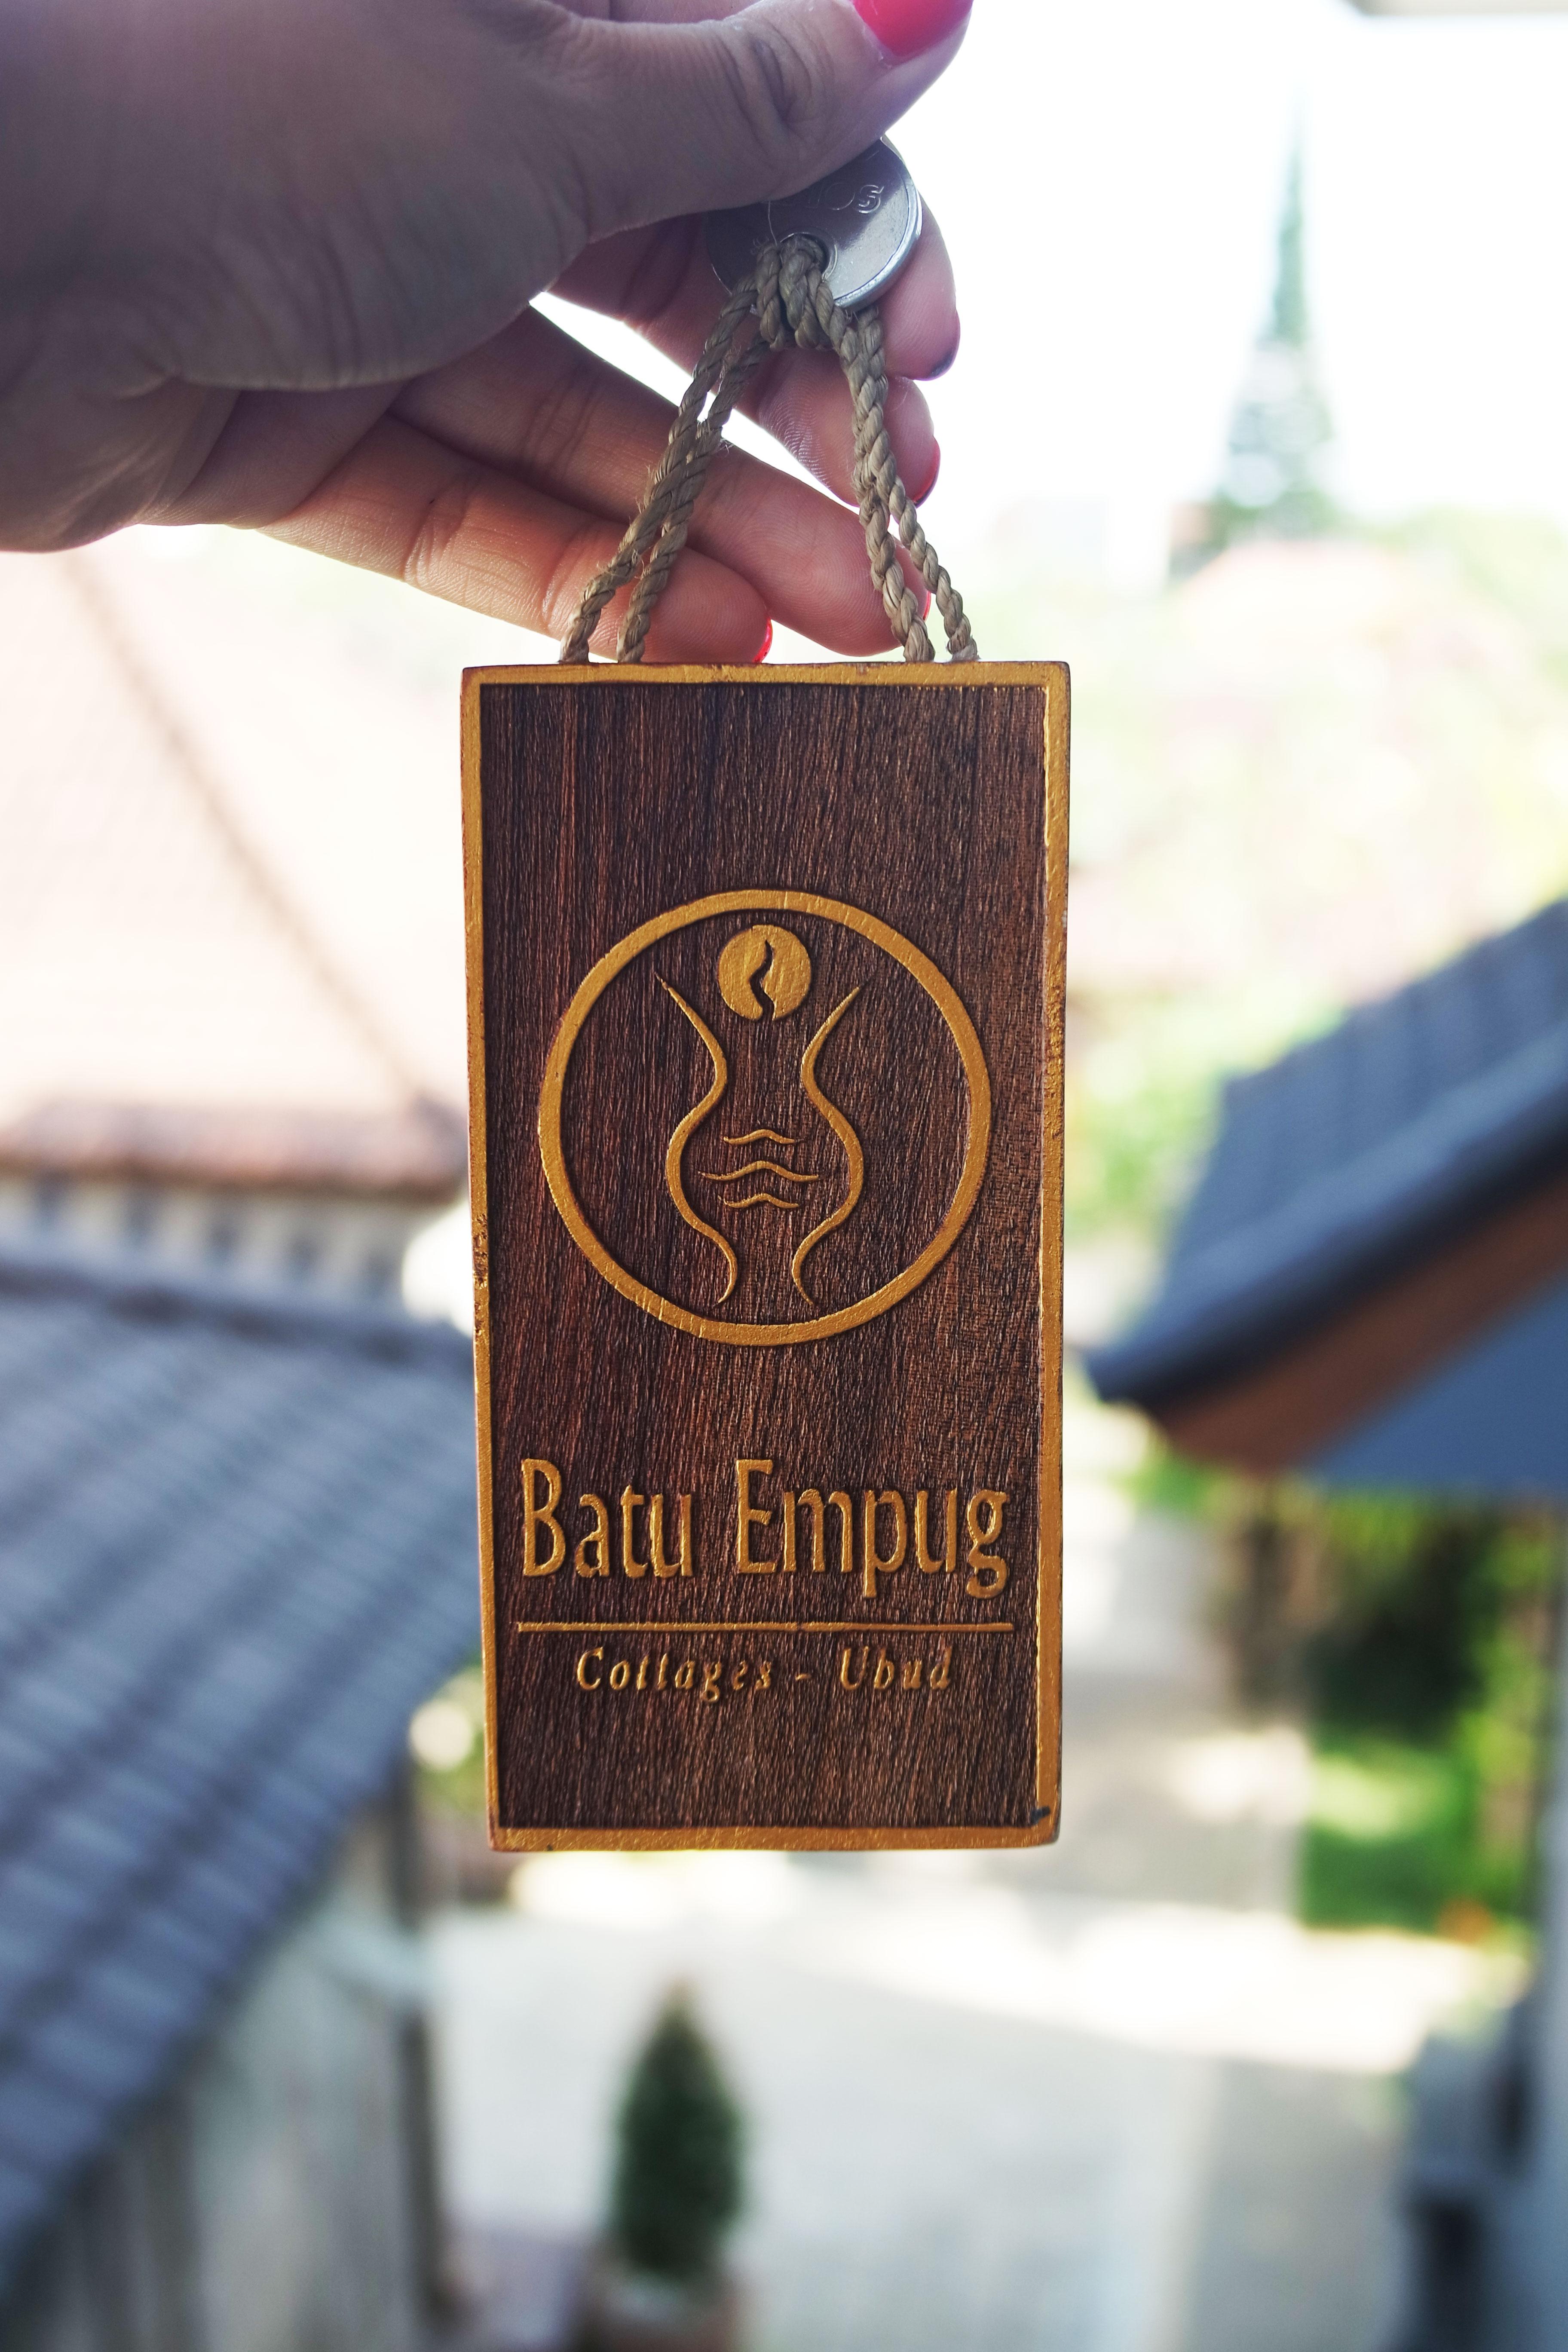 ubud-batu-empug-cottage-hotel